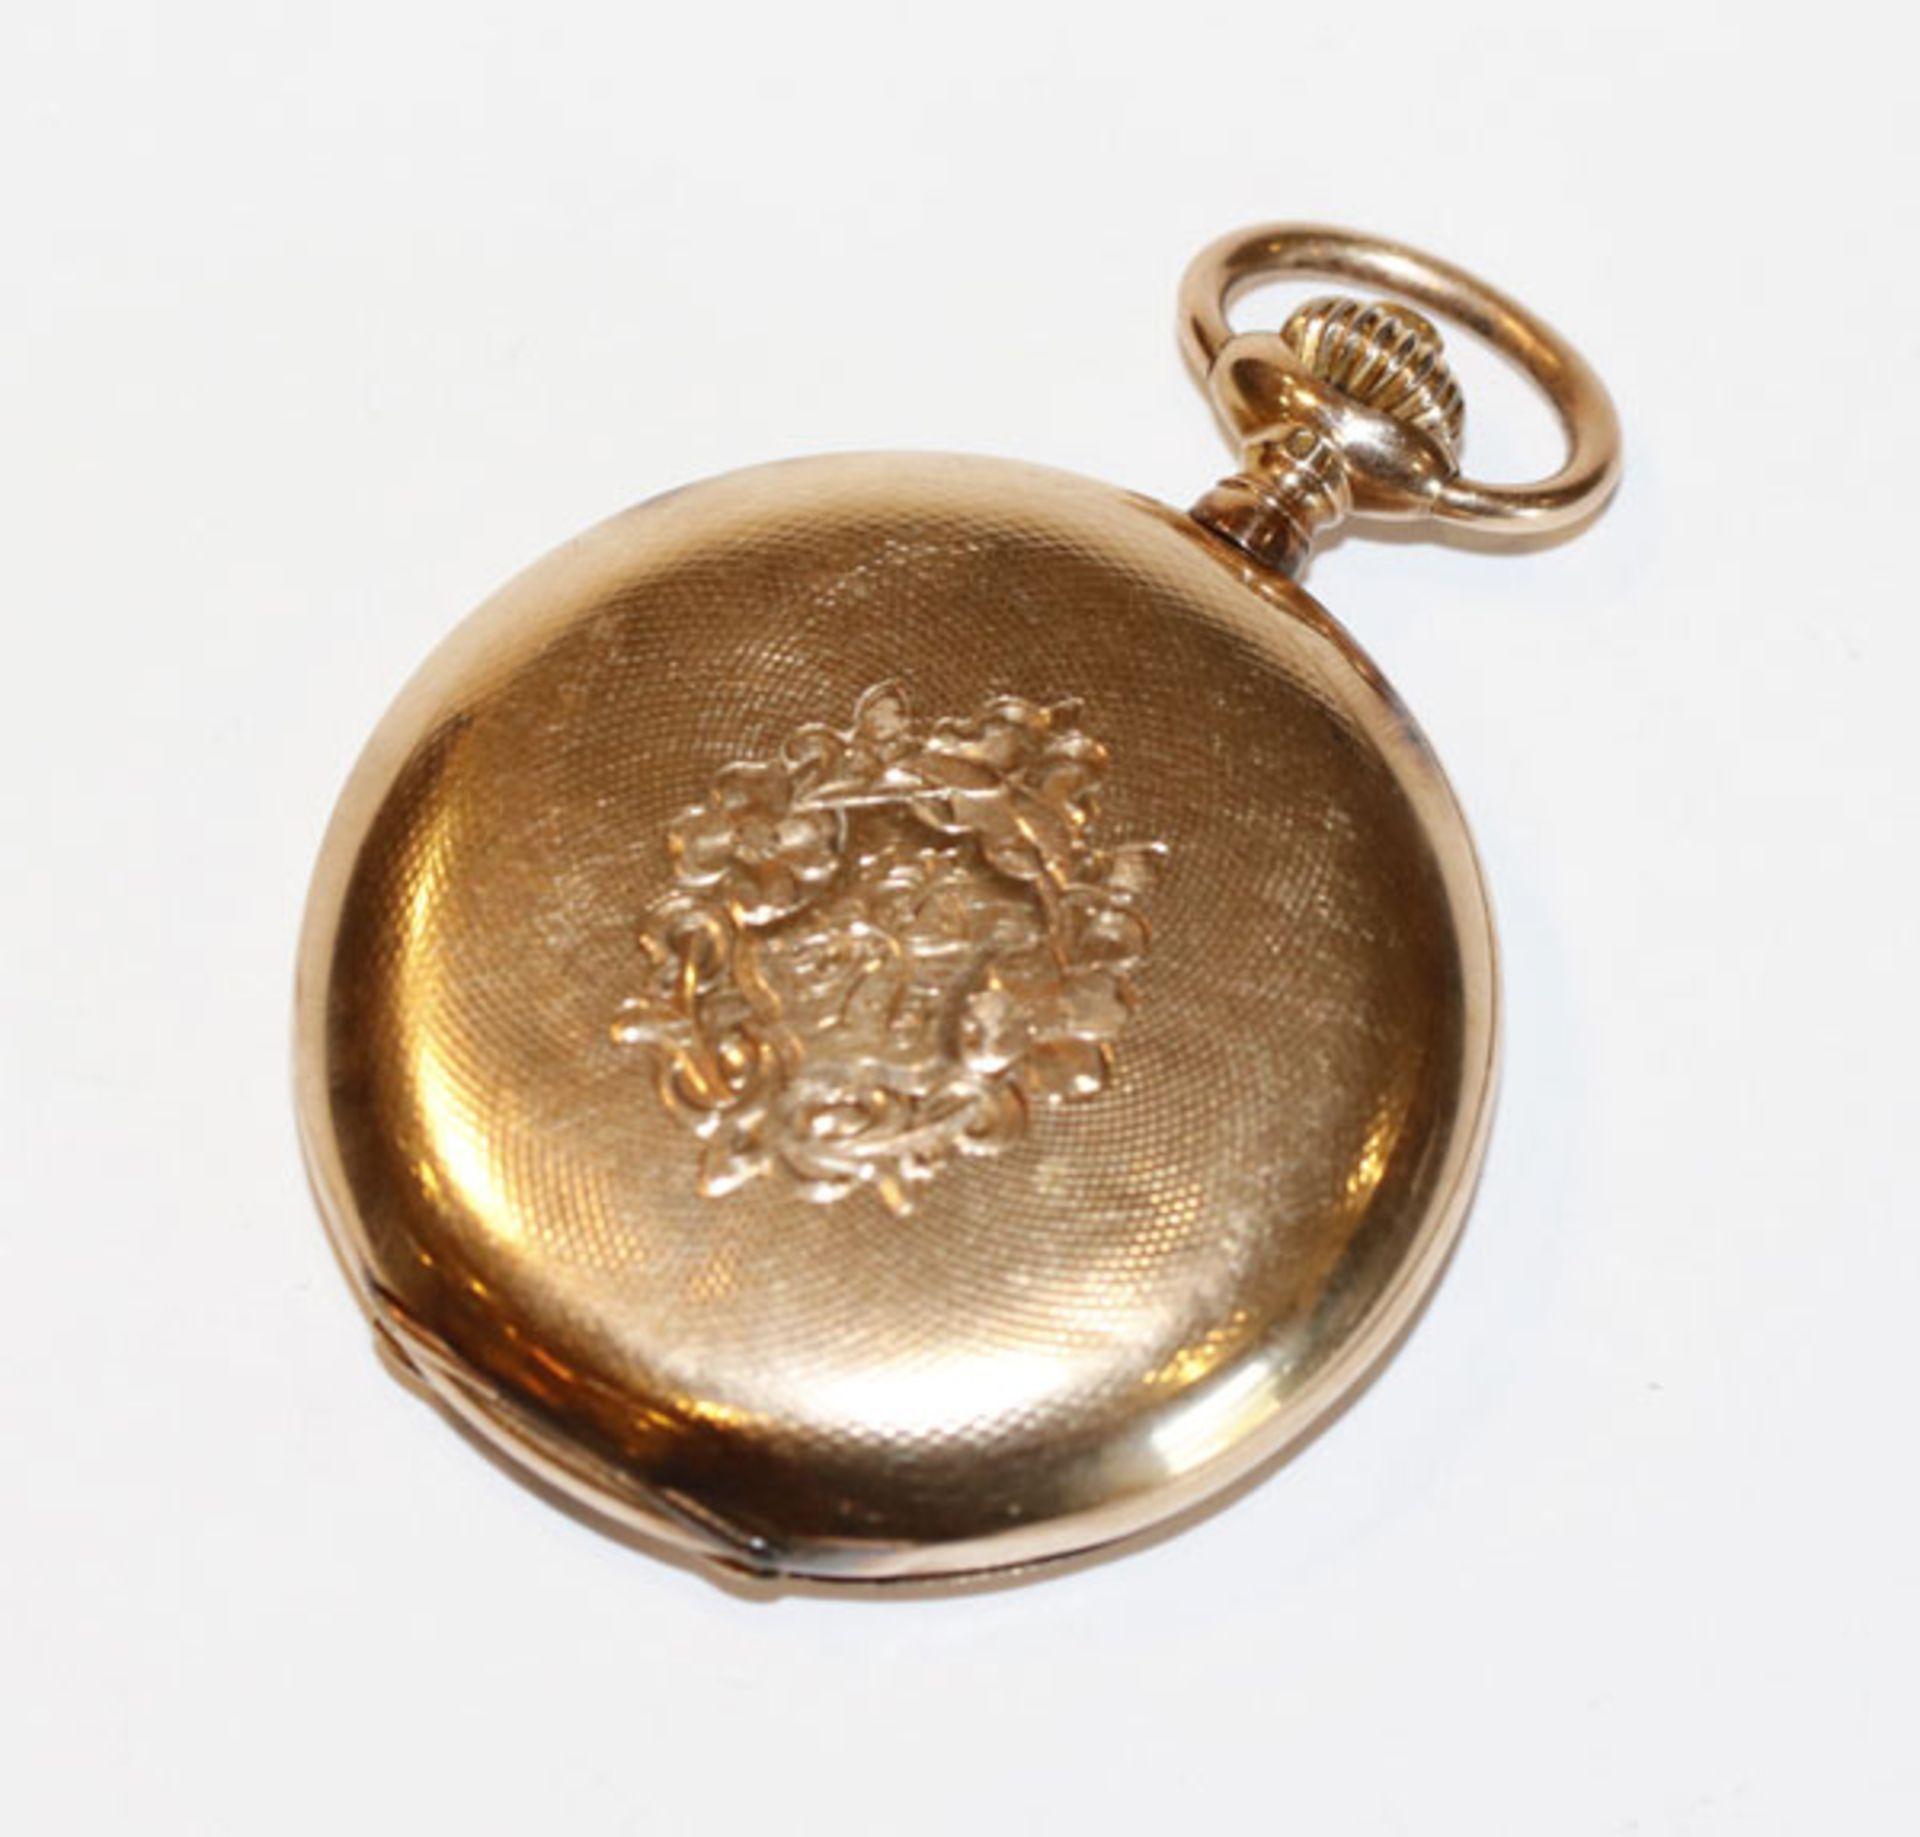 Omega Sprungdeckel Taschenuhr, 14 k Gelbgold, fein graviertes Gehäuse, geschraubte Chatons,